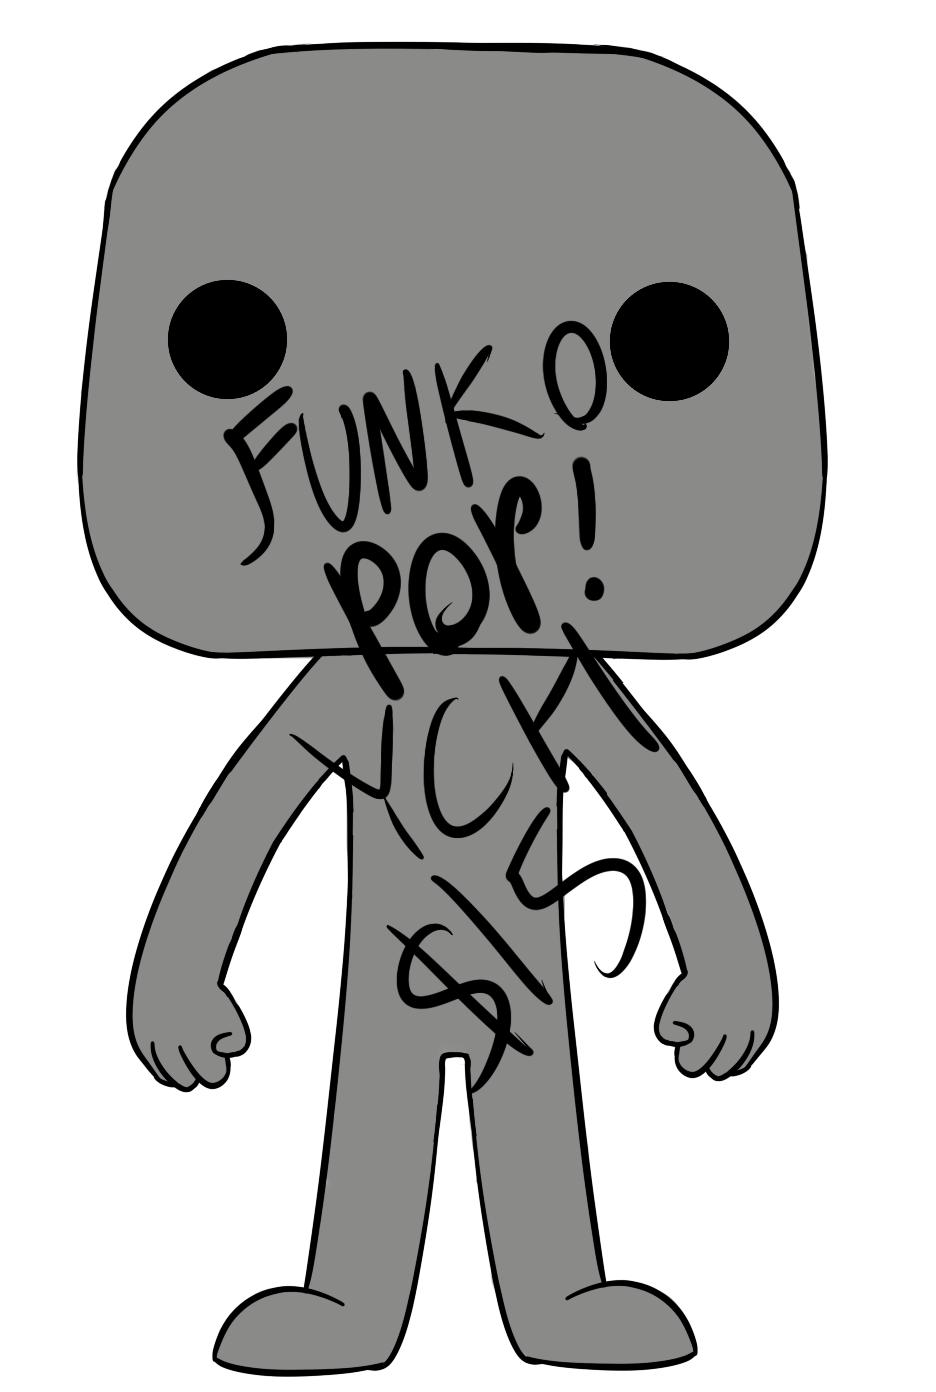 funko pop ych